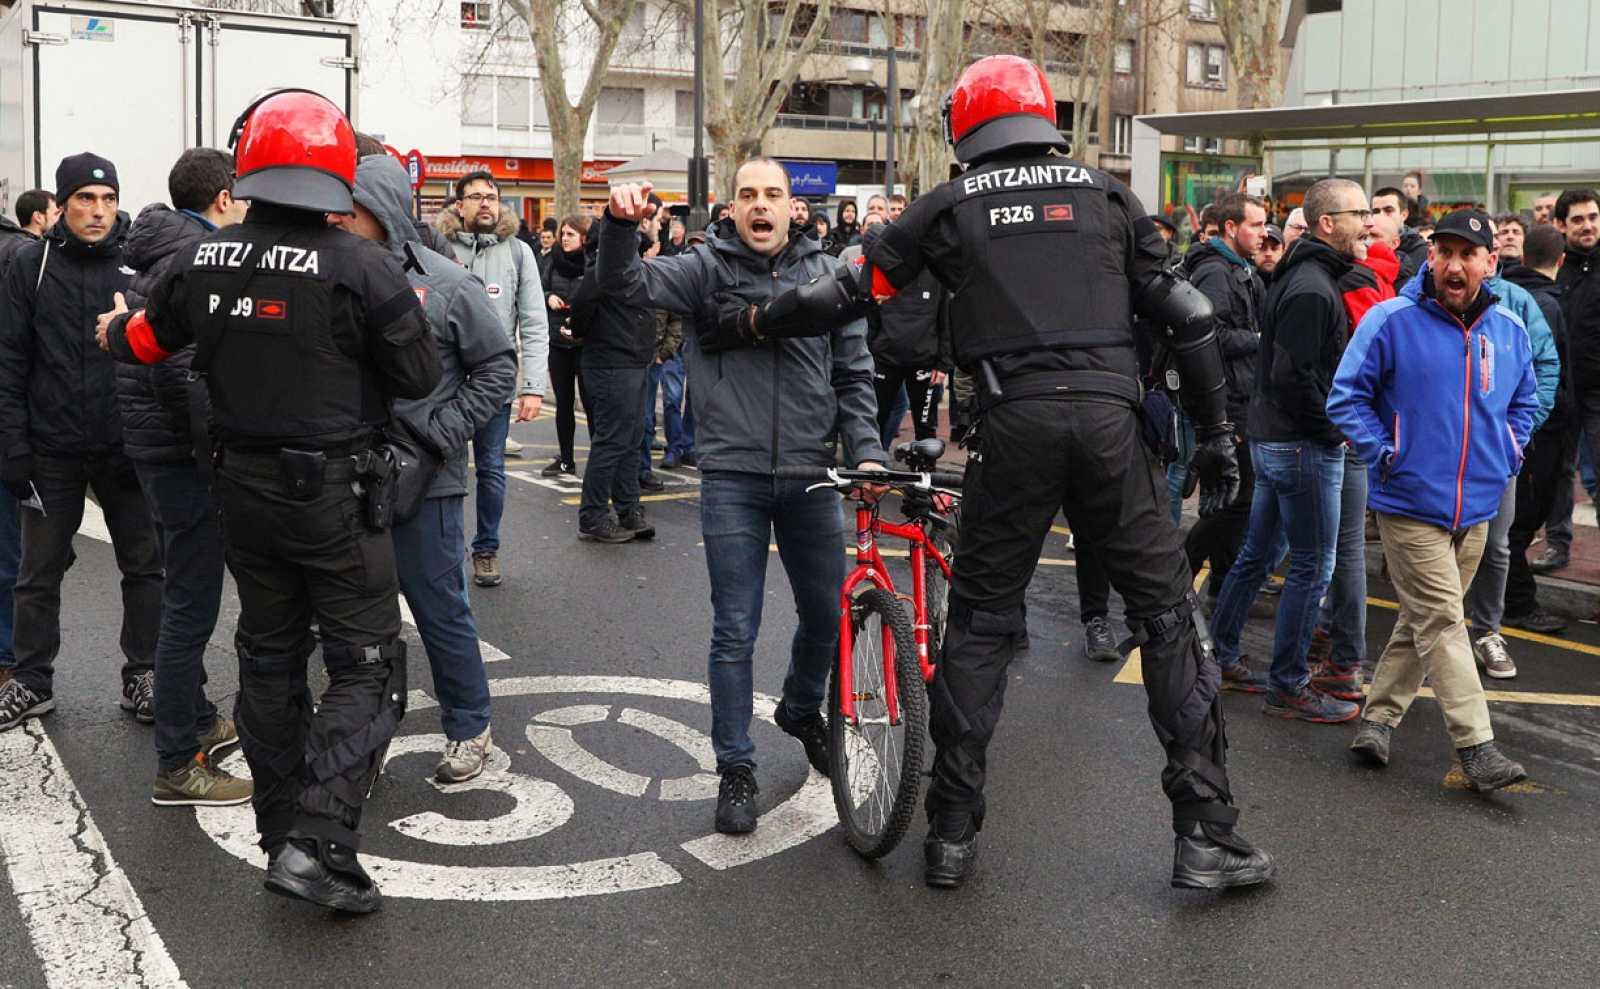 Huelga general en País Vasco y Navarra para reivindicar empleos estables y pensión mínima de 1080 euros